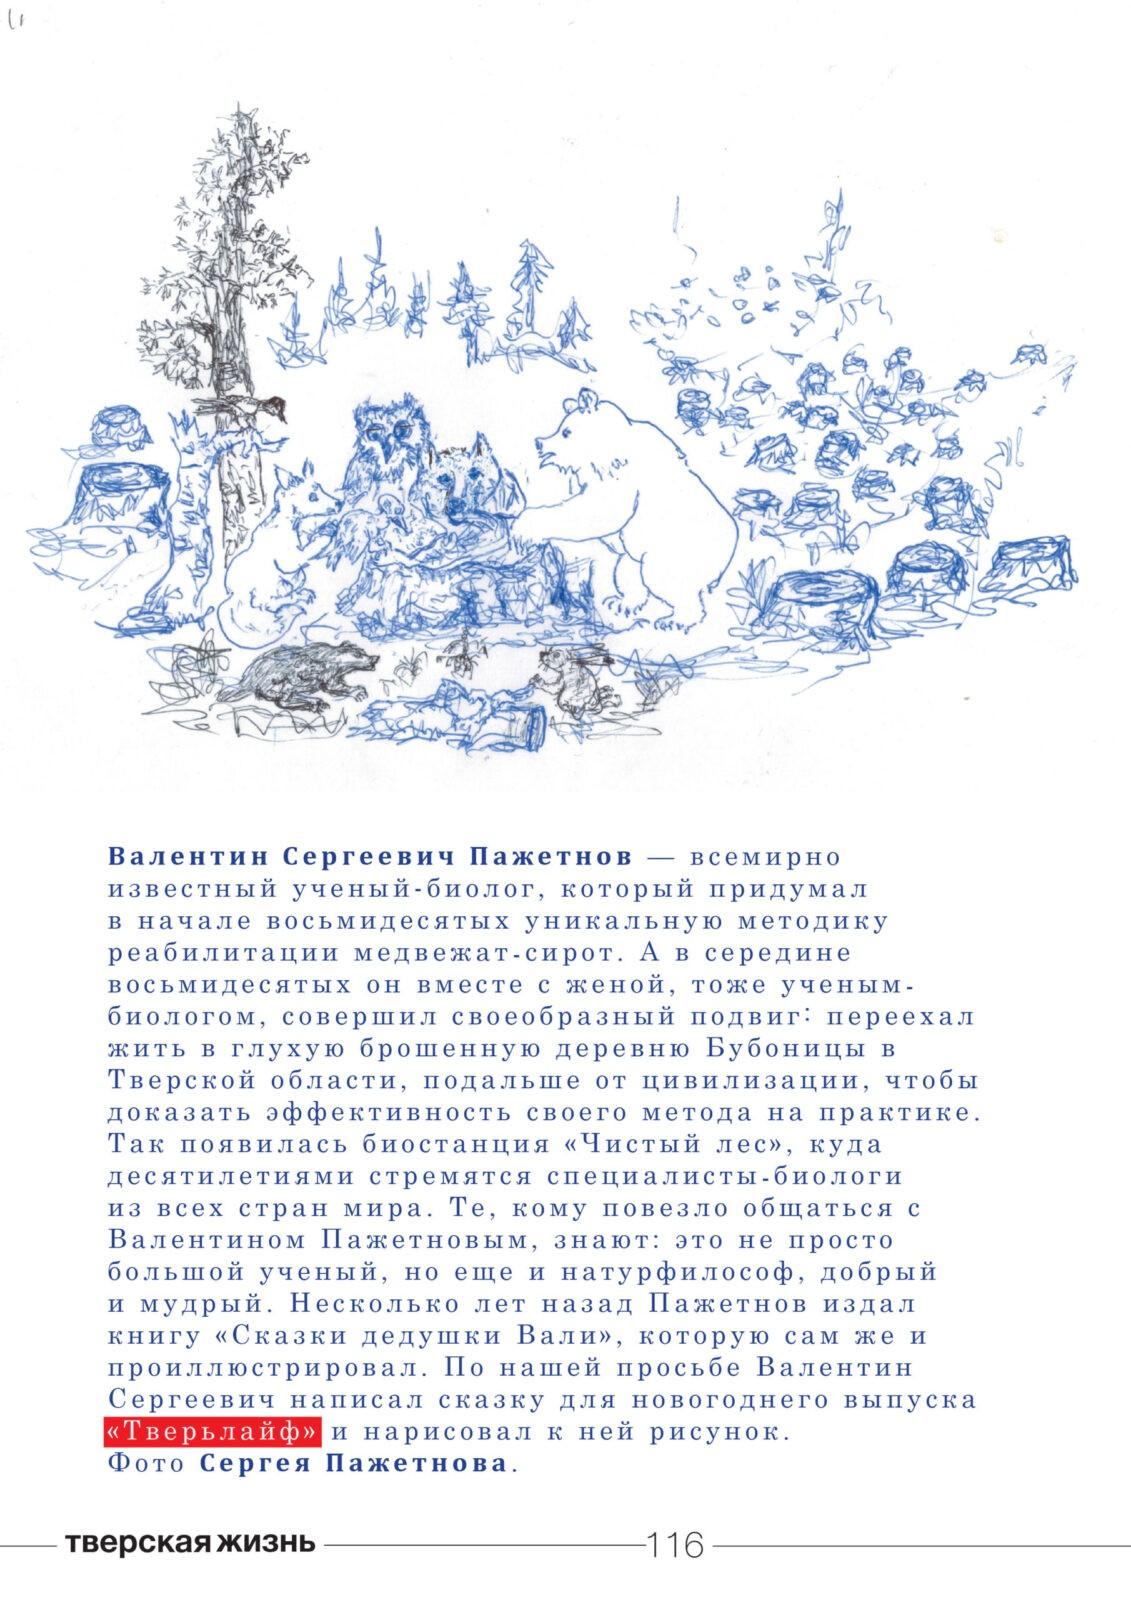 """Всемирно известный биолог Валентин Пажетнов написал для журнала """"Тверьлайф"""" сказку"""